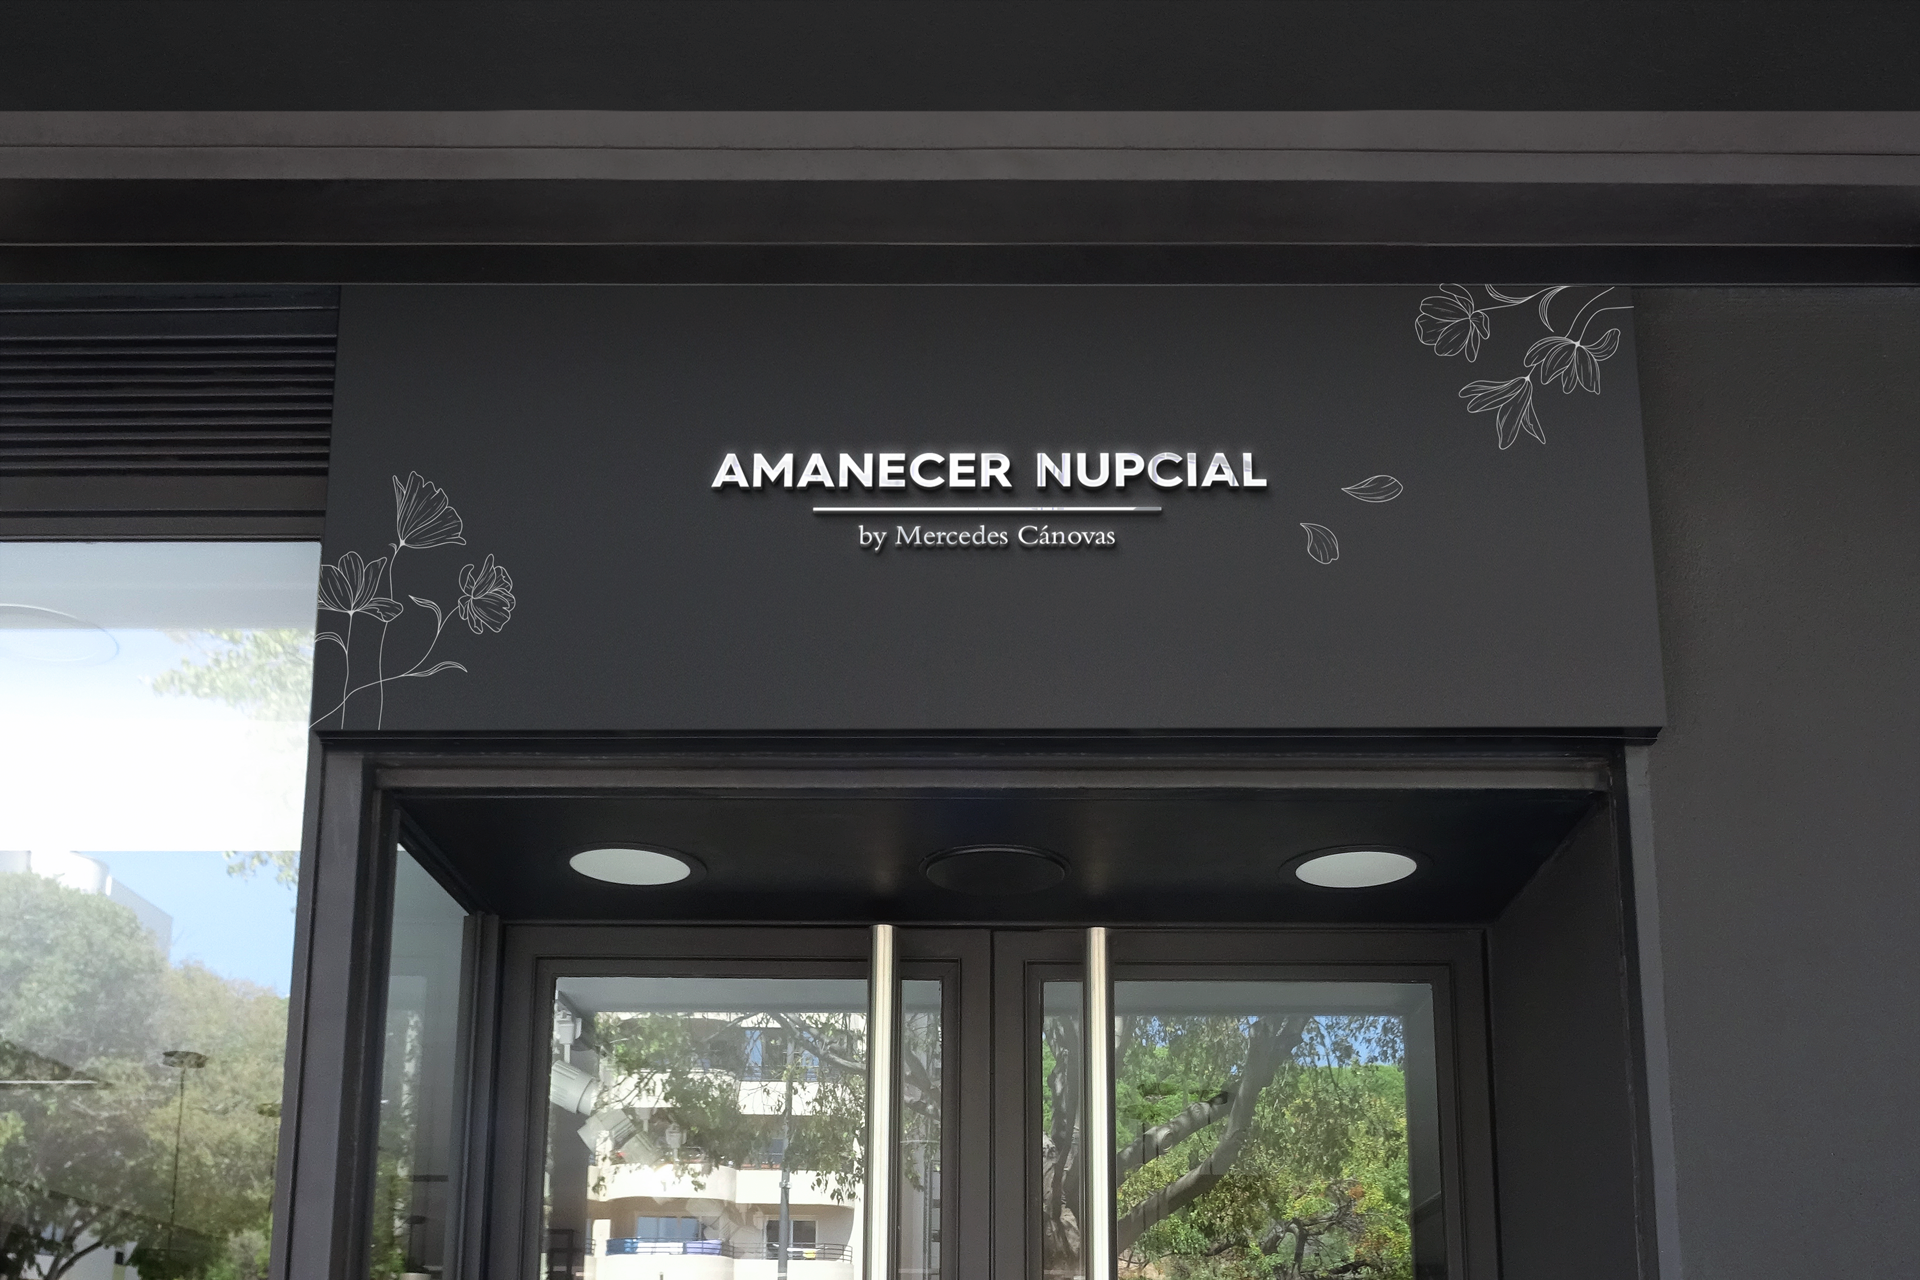 fachada_amanecer_nupcial